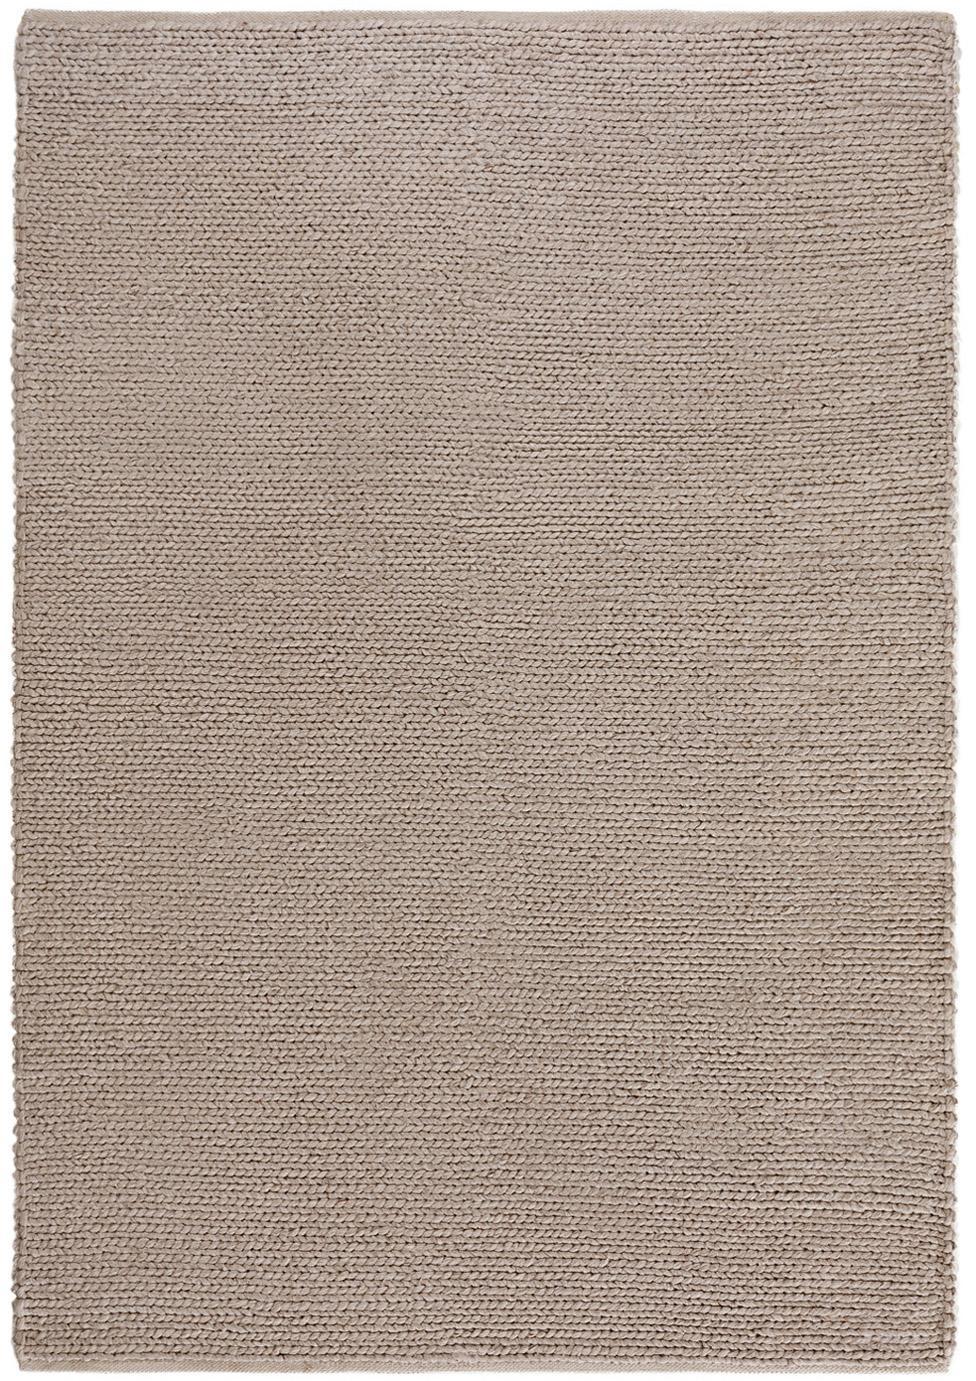 Tappeto in lana tessuto a mano Uno, Retro: cotone, Taupe, Larg. 120 x Lung. 170 cm (taglia S)